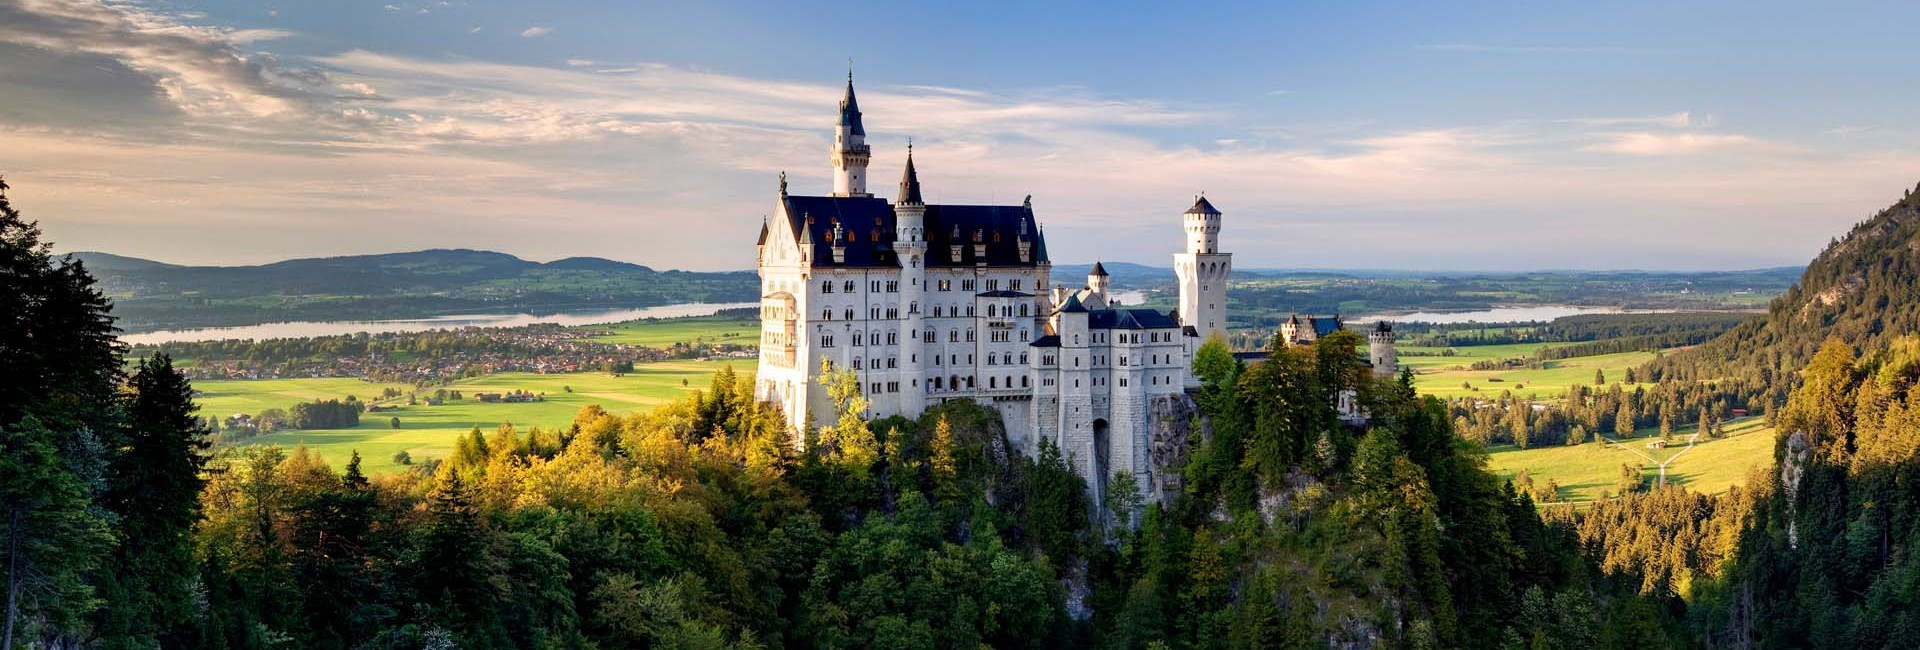 Hotel Bei Schloss Neuschwanstein 3 Hotel Zum Hechten